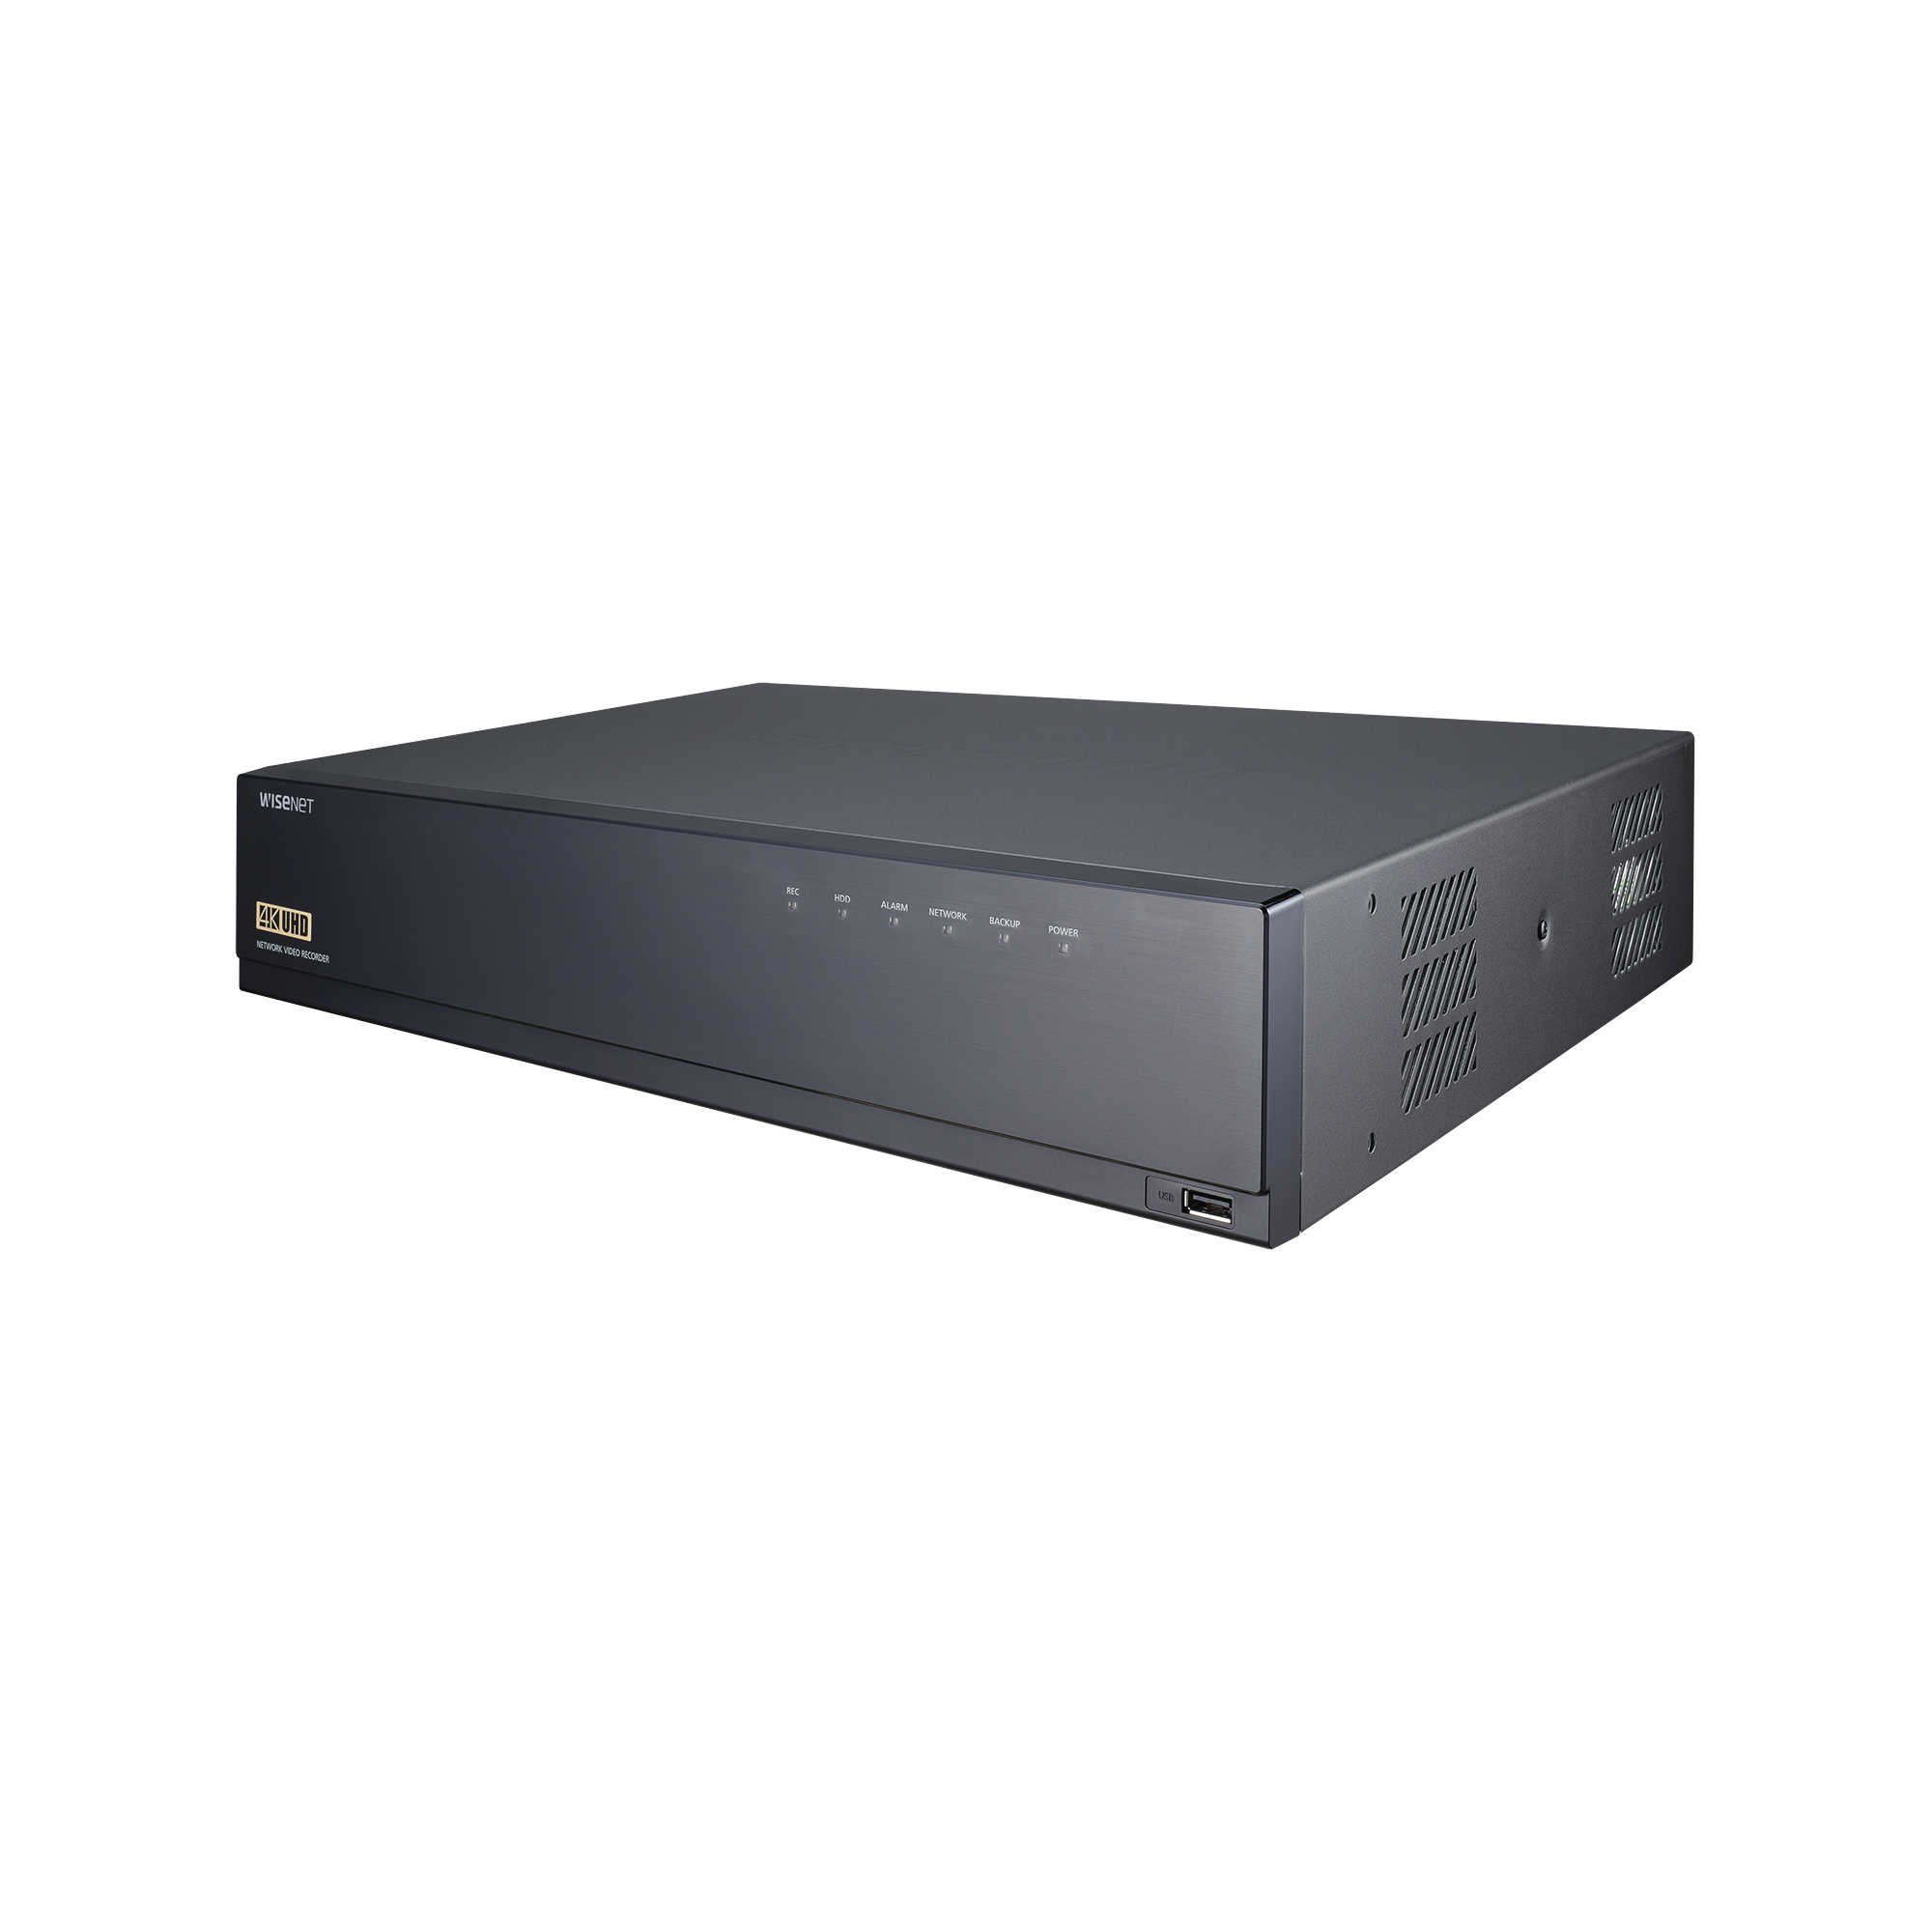 NVR 16CH de Hasta 12MP, Compatible con los códecs H.265, H.264 y MJPEG, Salida de Video 4K, Soporta P2P